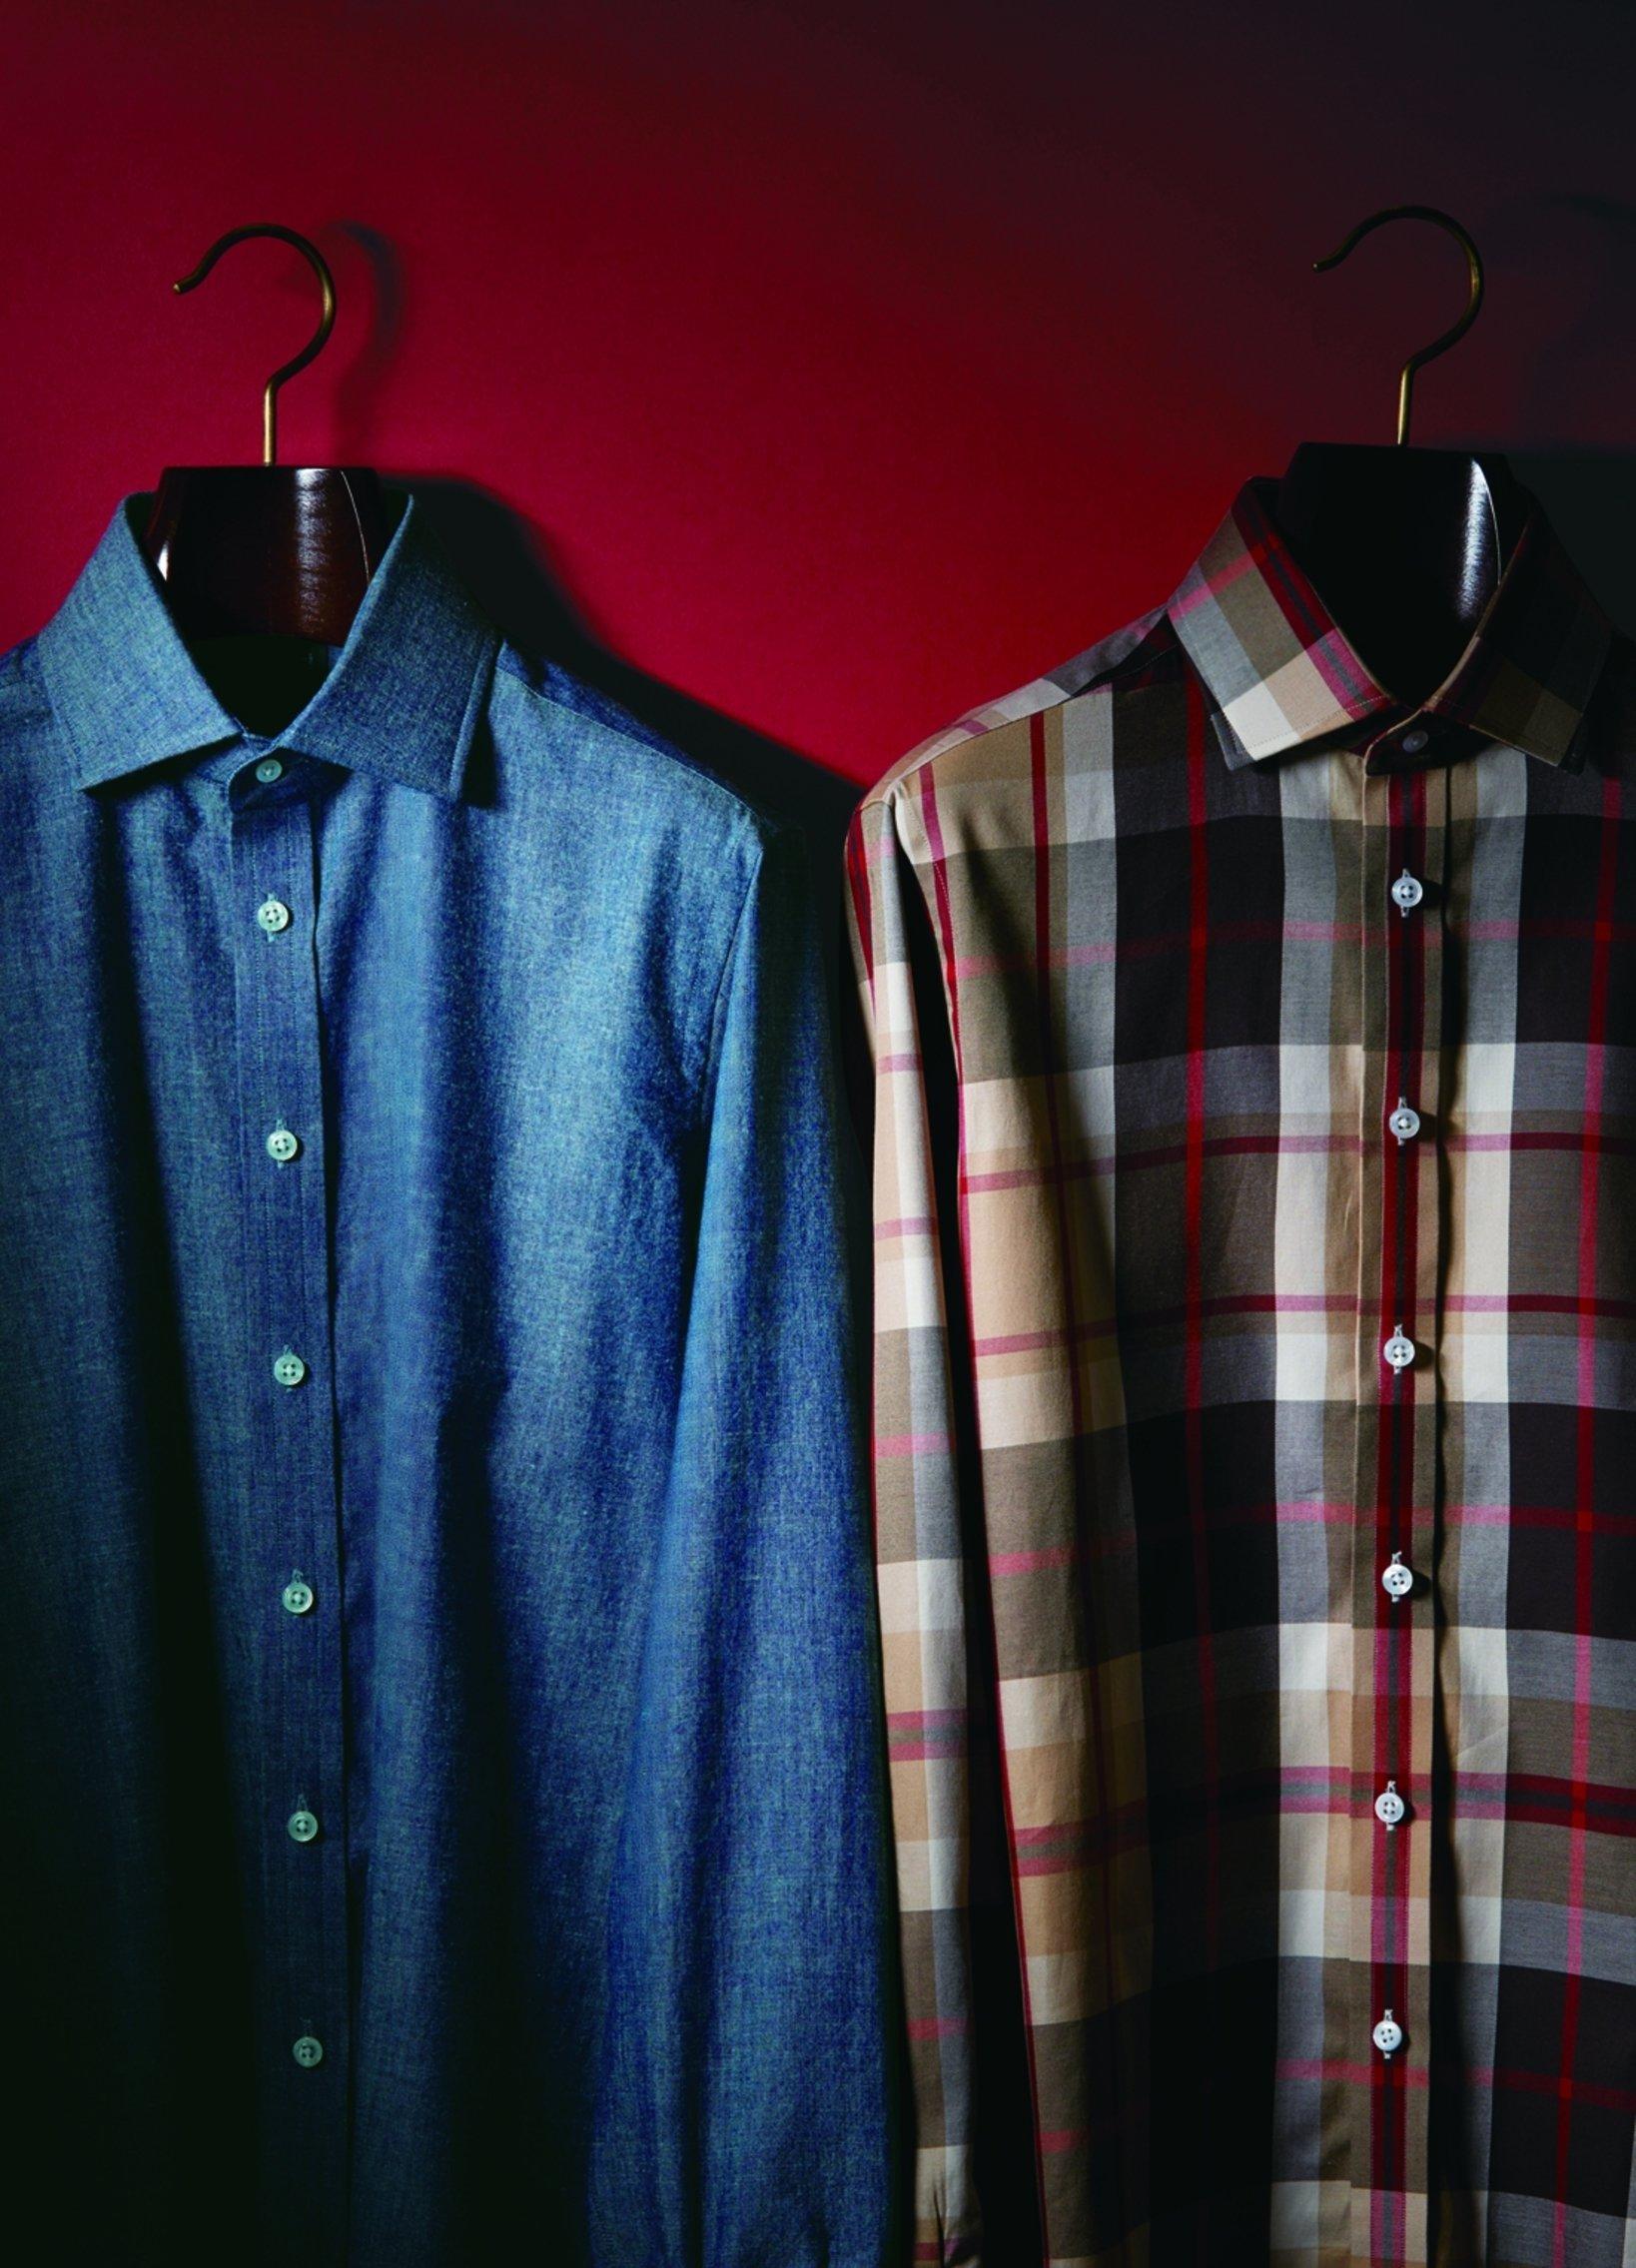 「ターンブル アンド アッサー」デニムシャツ¥43,000+税 ハウスチェックシャツ ¥43,000+税